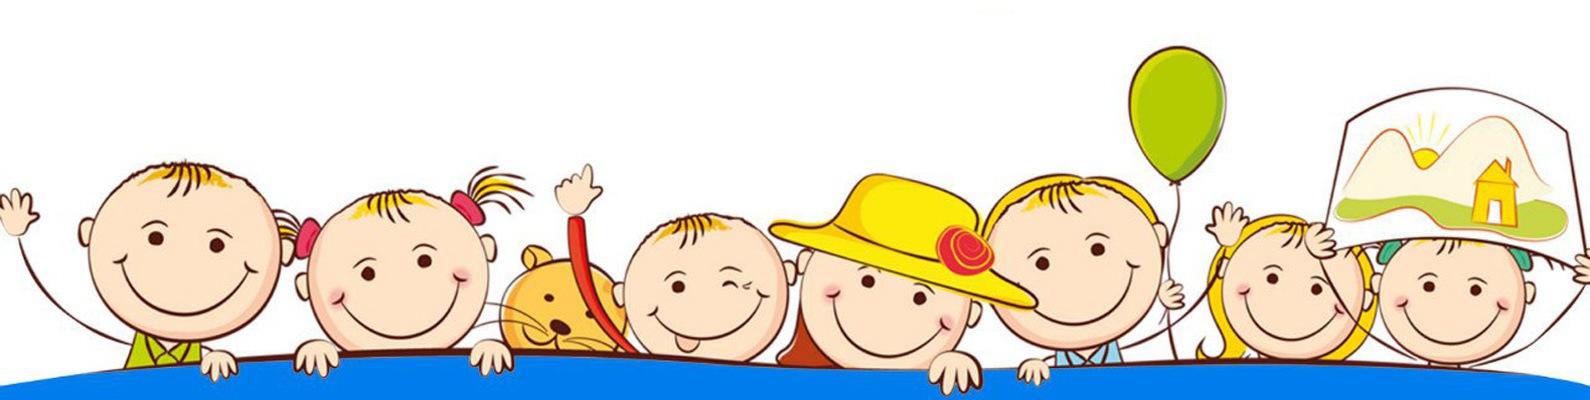 Детские высказывания,суждения,о том ,что видят | 400x1590